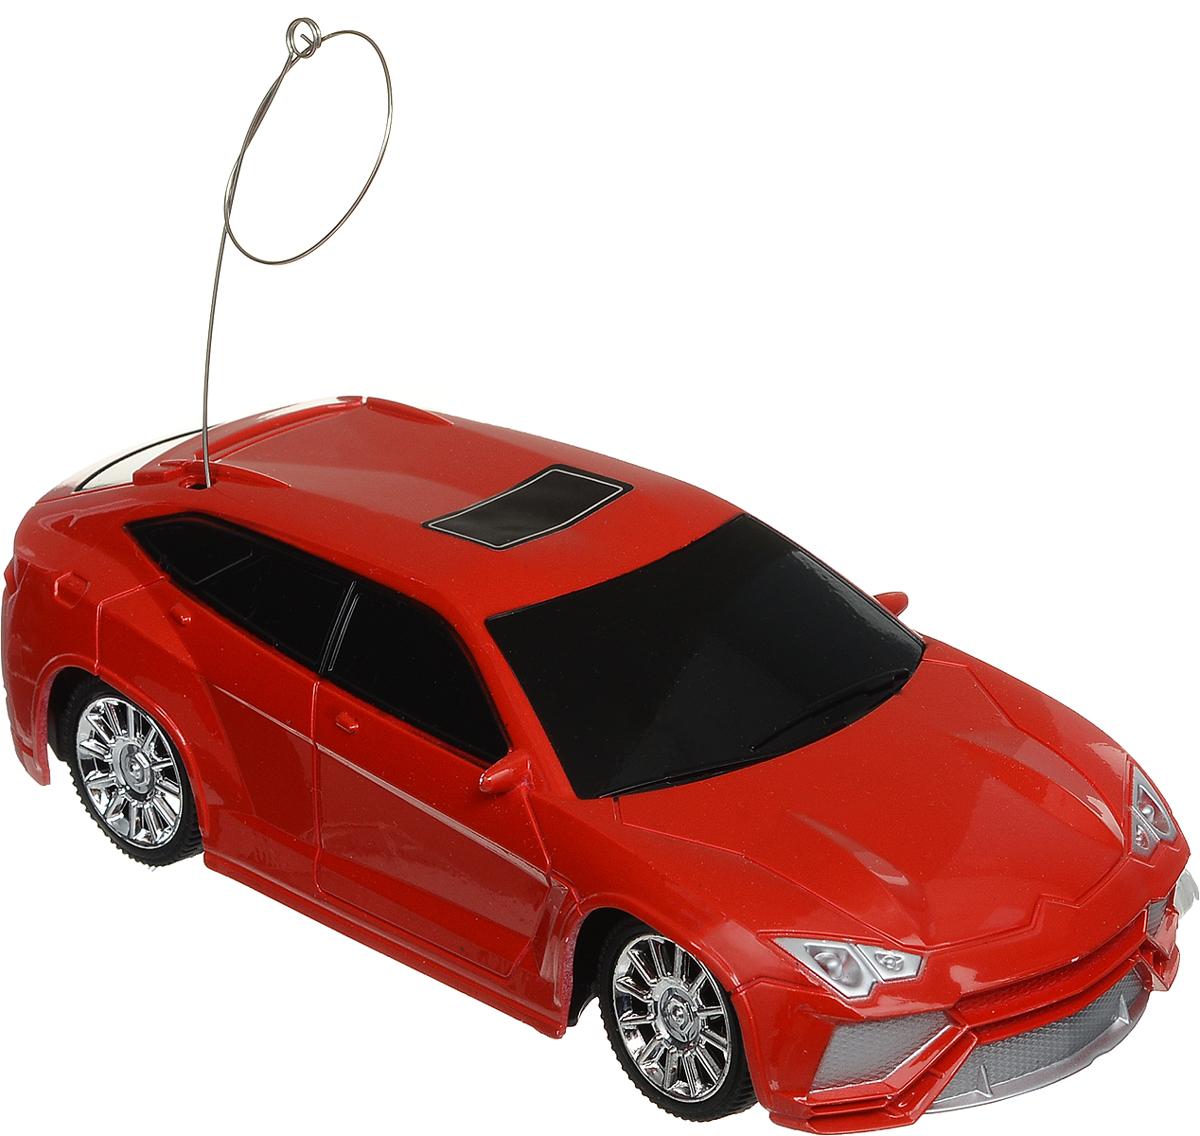 Yako Машина на радиоуправлении цвет красный Y19242007 купить нерф в воронеже